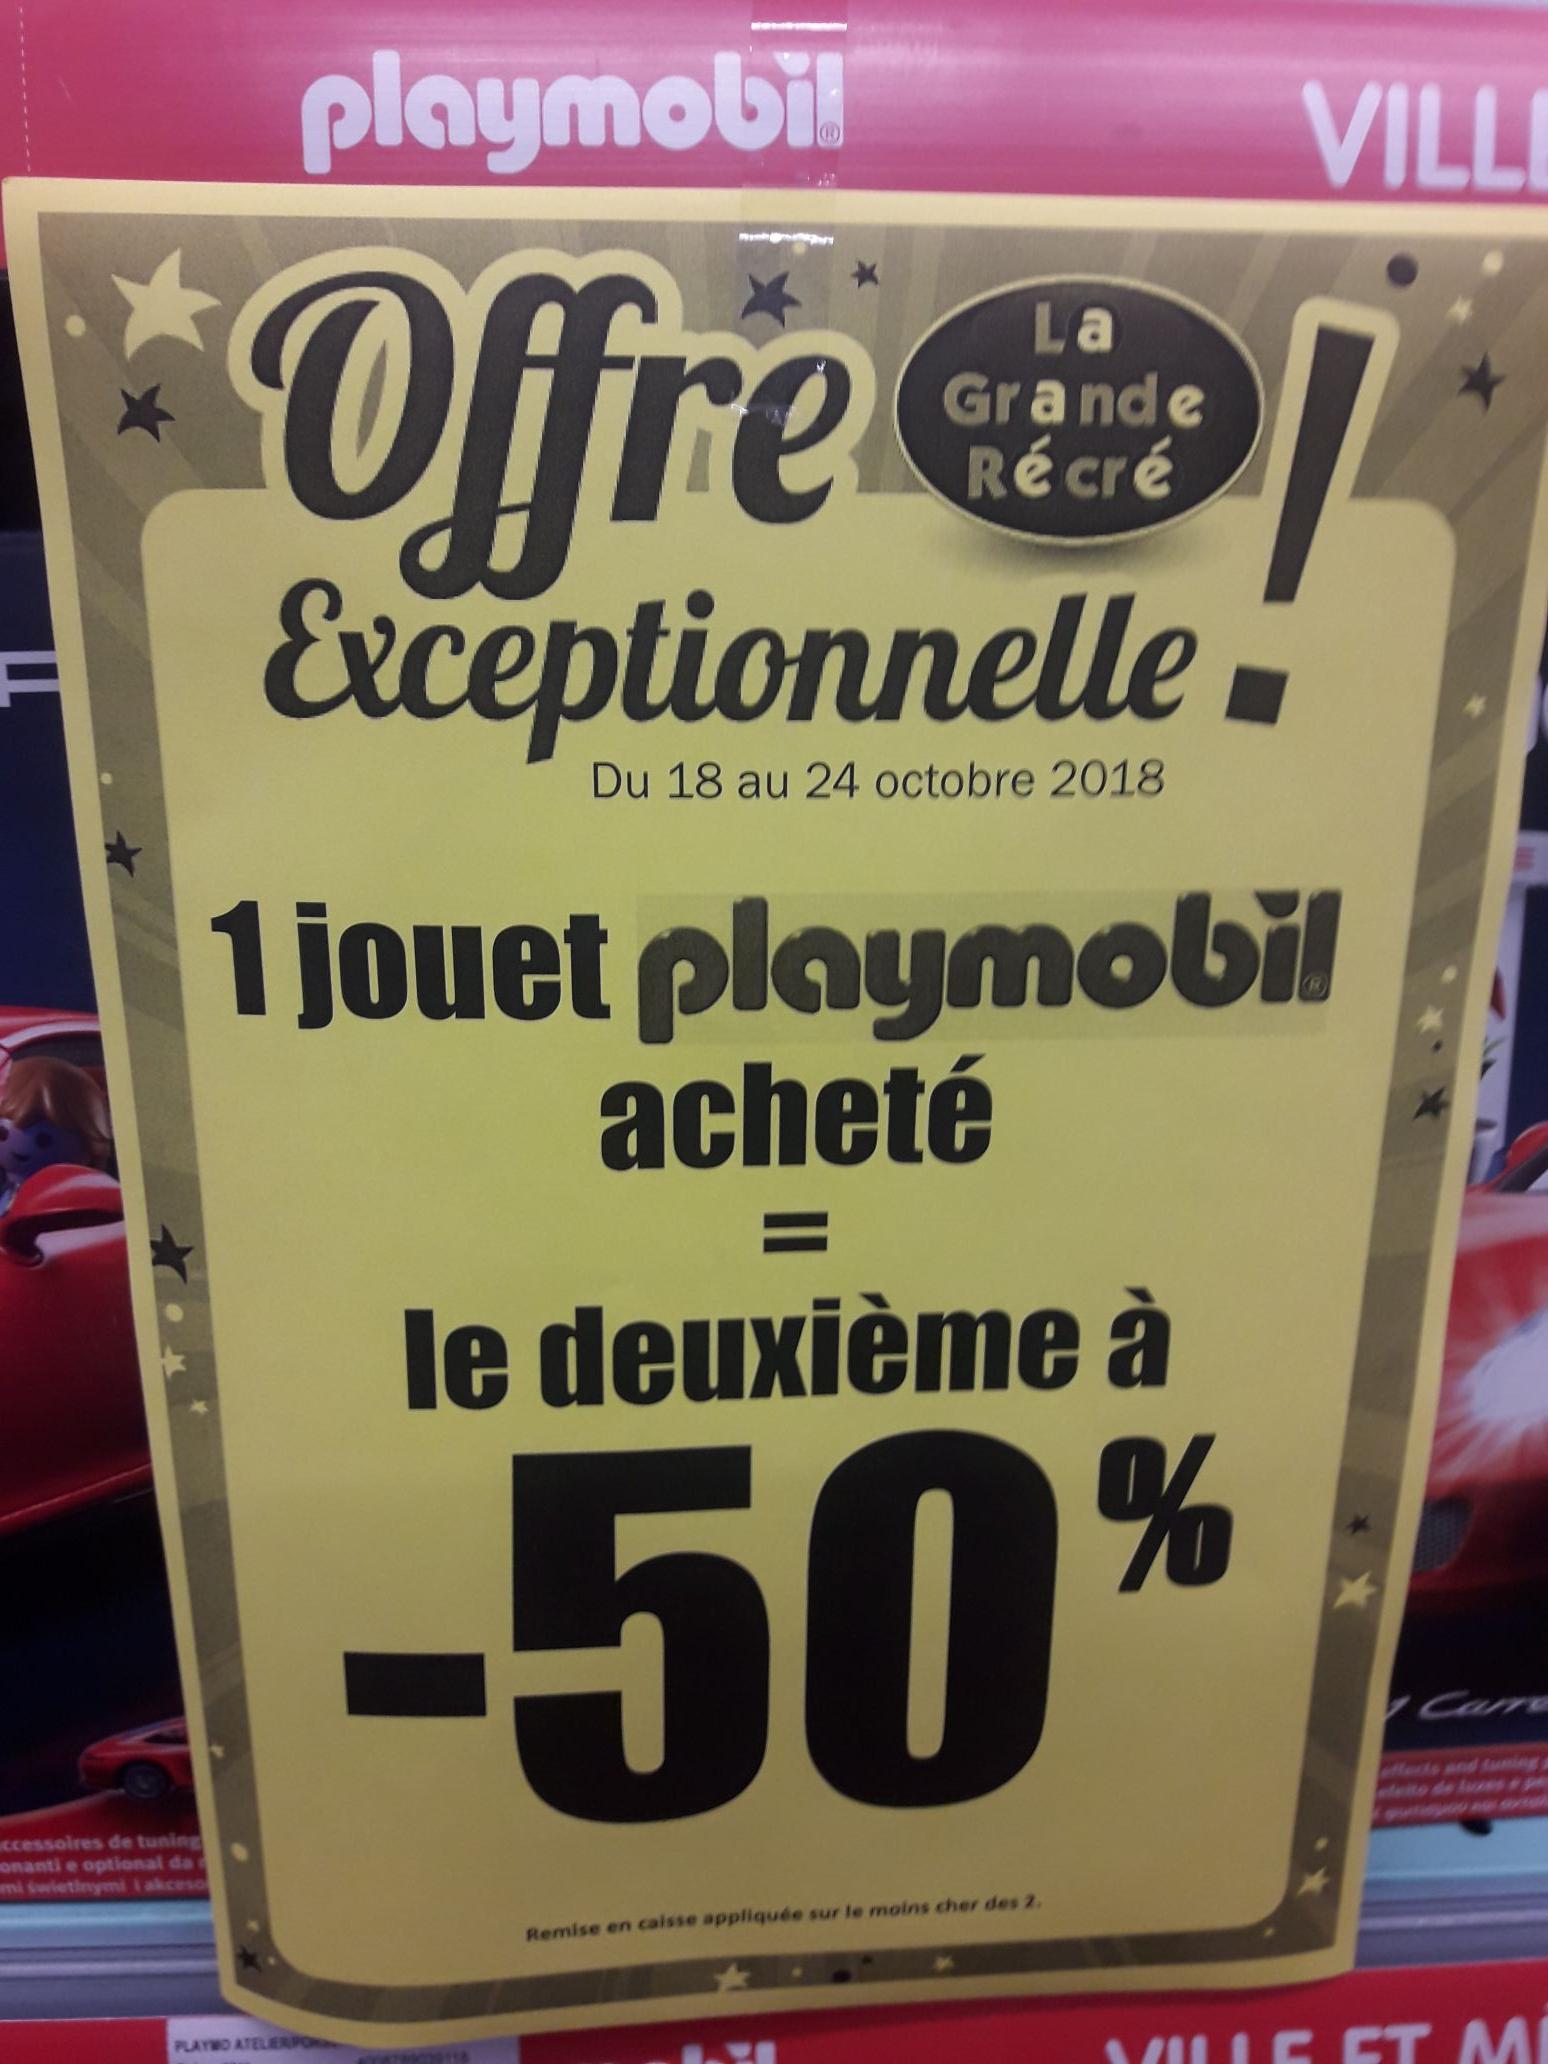 1 jouet Playmobil acheté = 50% de réduction sur le 2ème (le moins cher) - Clermont-l'Hérault (34)